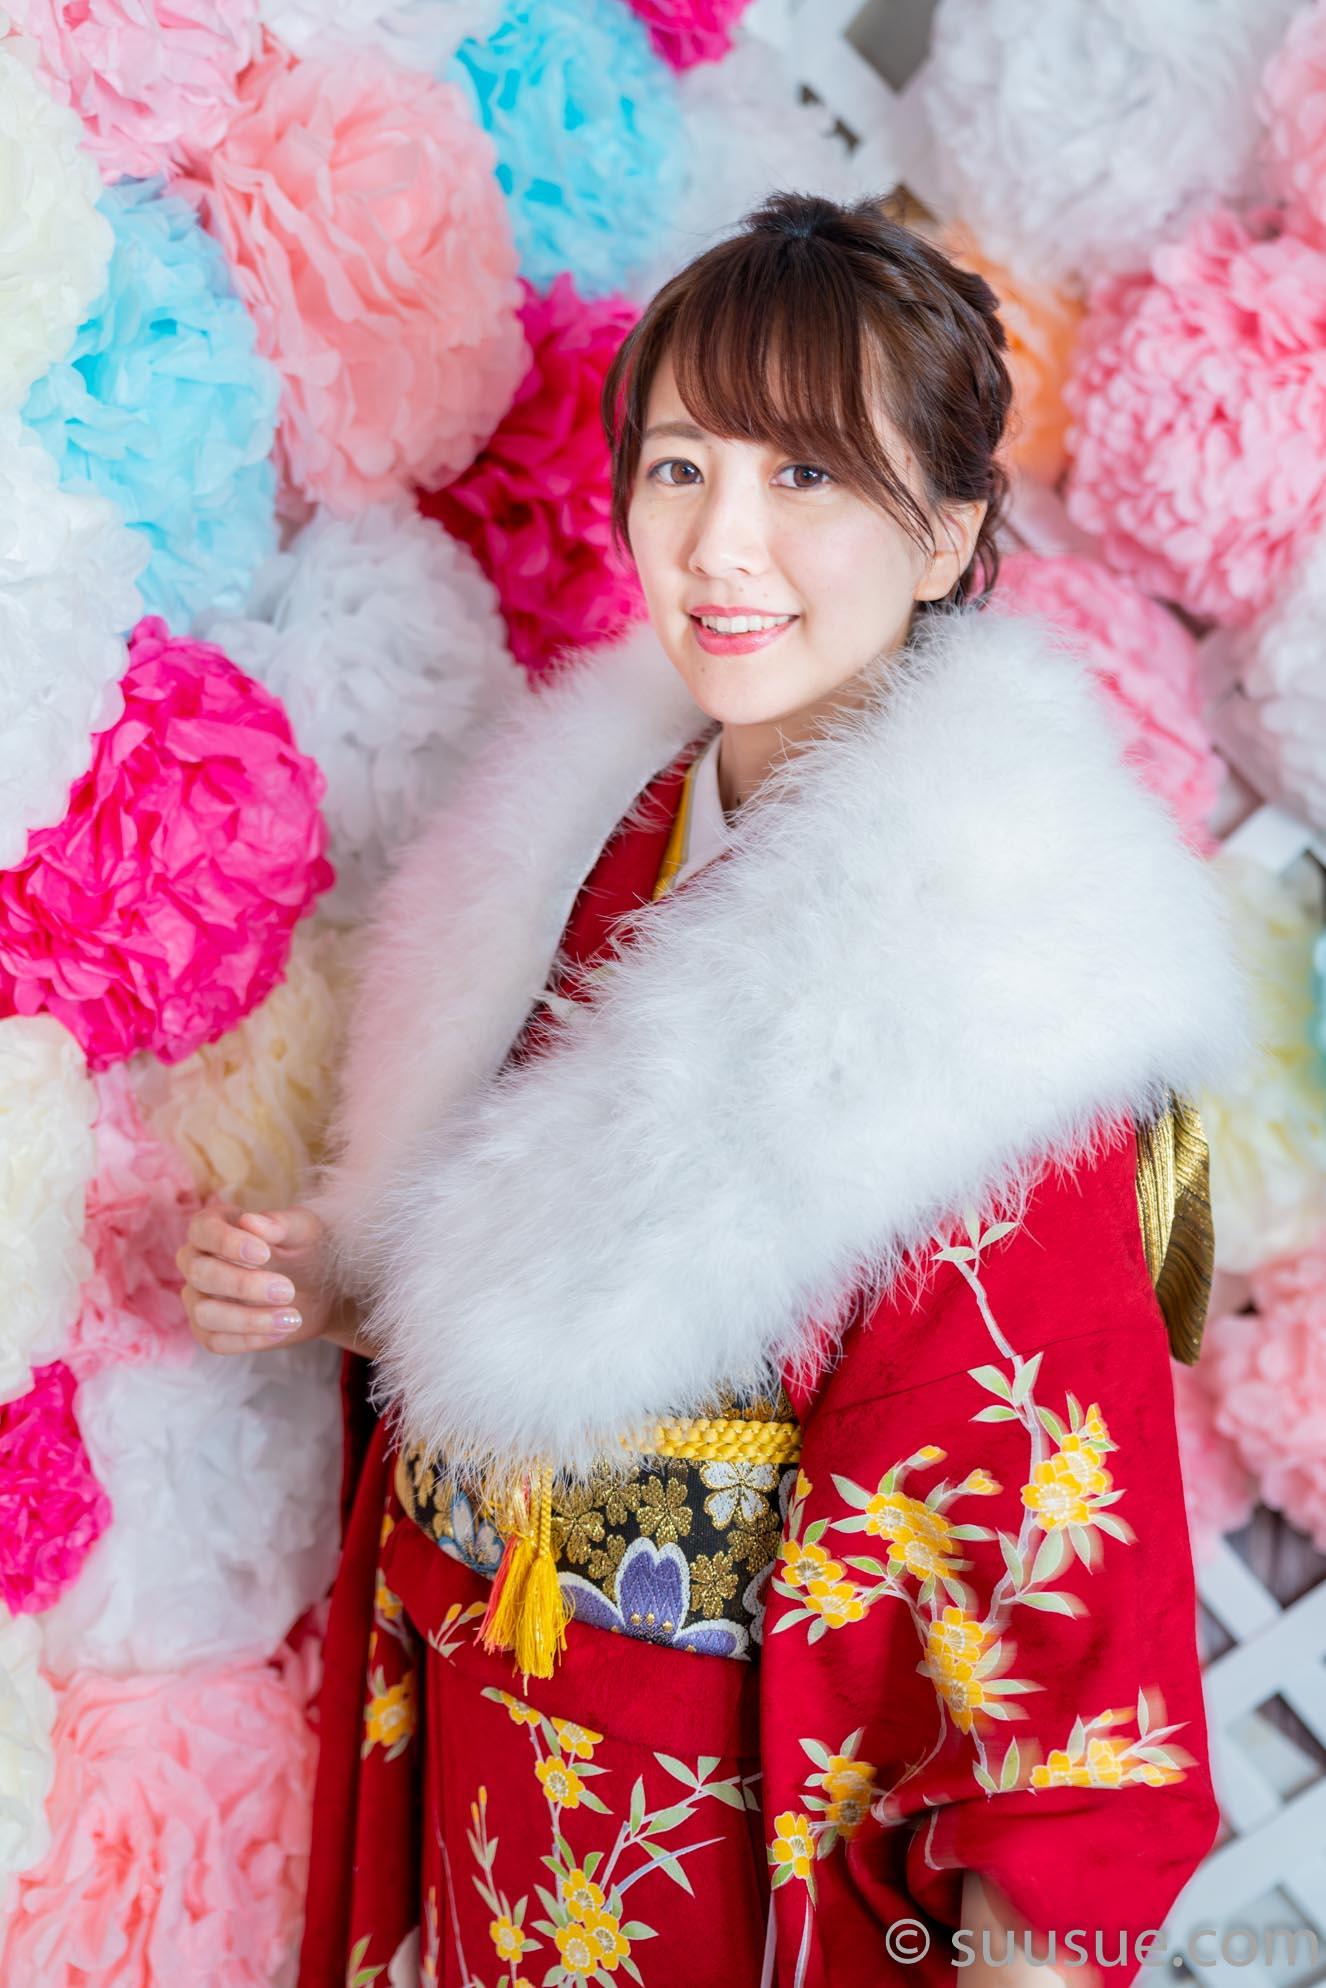 瀬谷ひかる 2020/01/19 NewType撮影会 振り袖